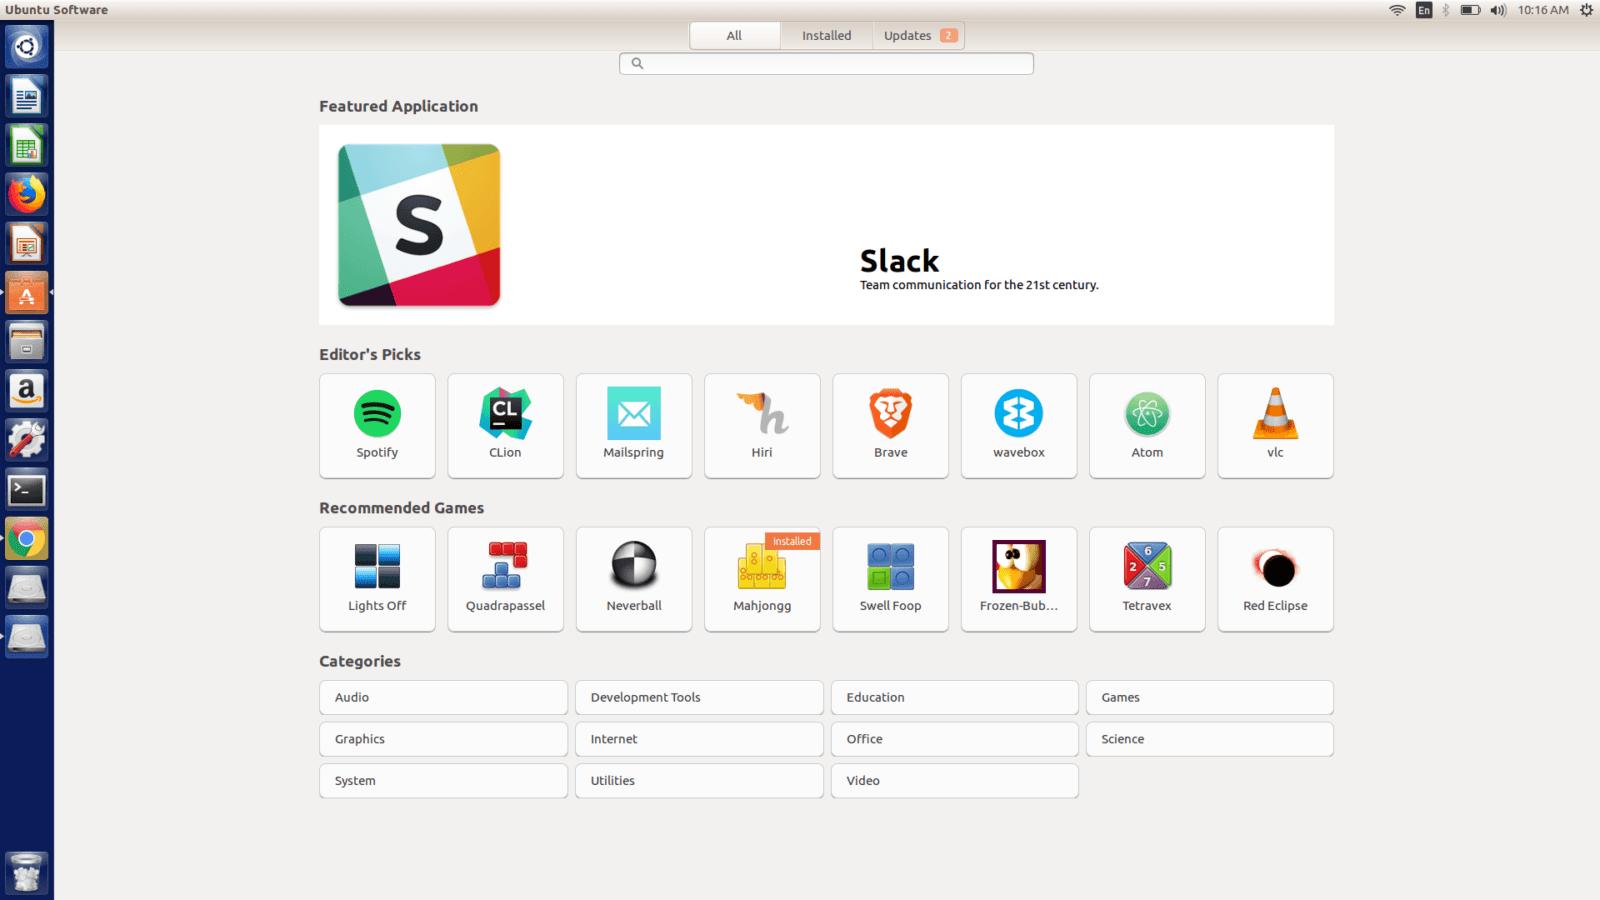 Ubuntu Software  - Ubuntu Software